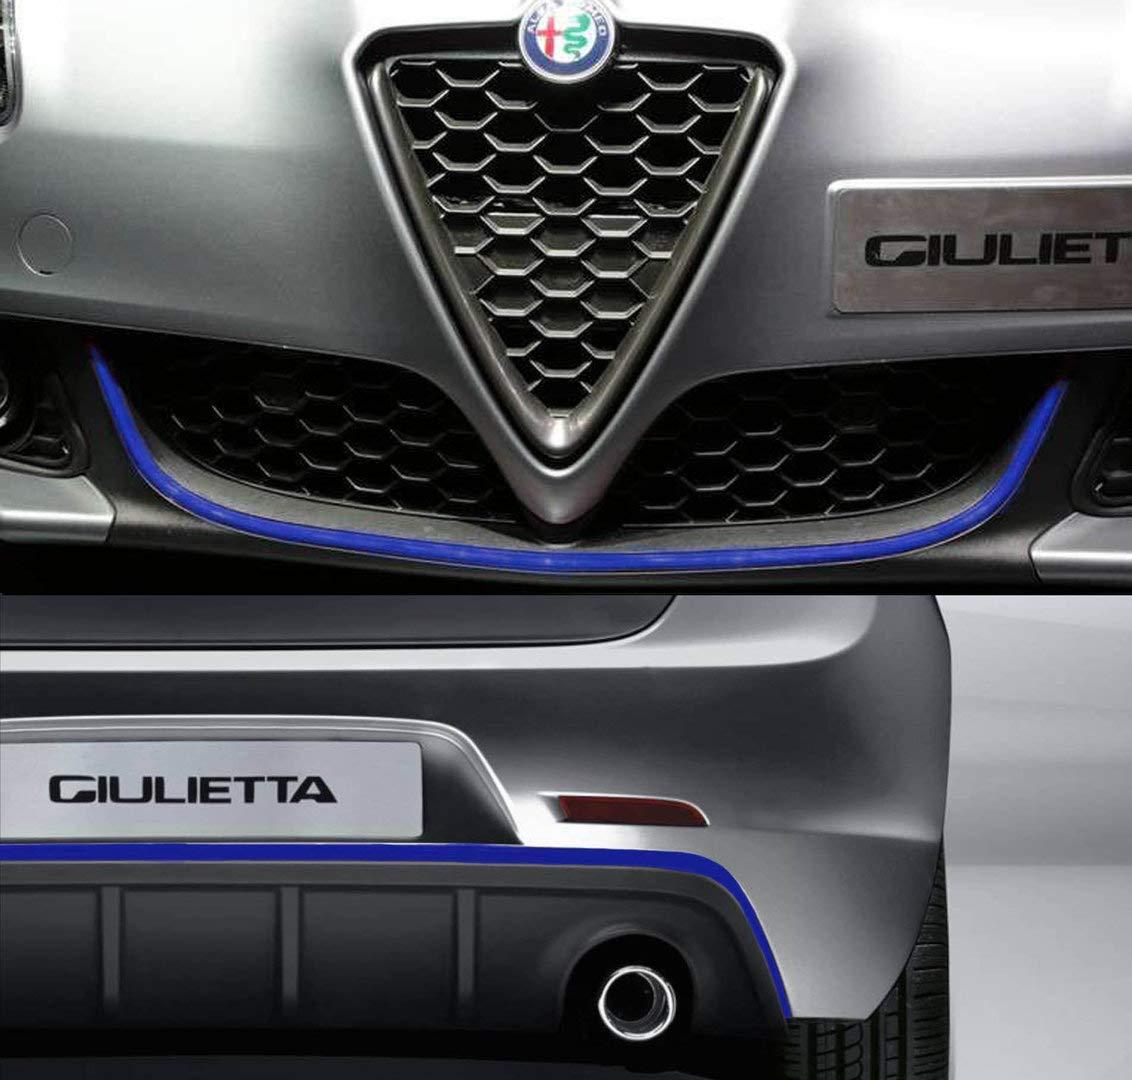 Quattroerre 19967 Profilo Blu Adesivo per Dam Paraurti Anteriore Alfa Giulietta, 11 mm x 1,10 mt